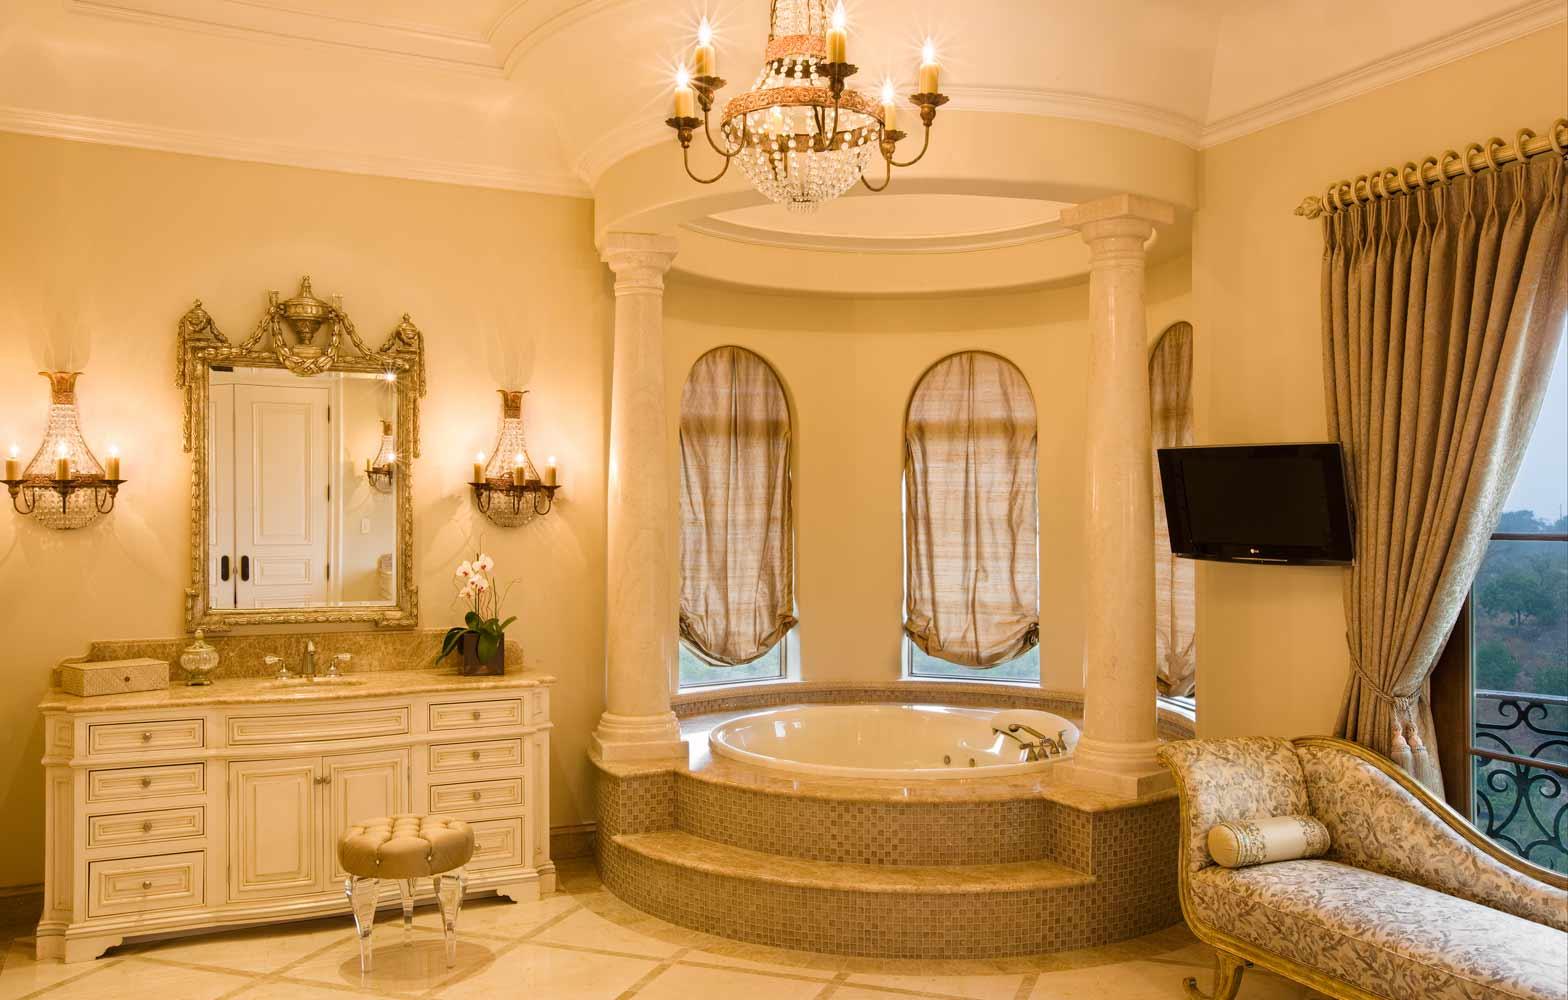 Italian Villa bathroom